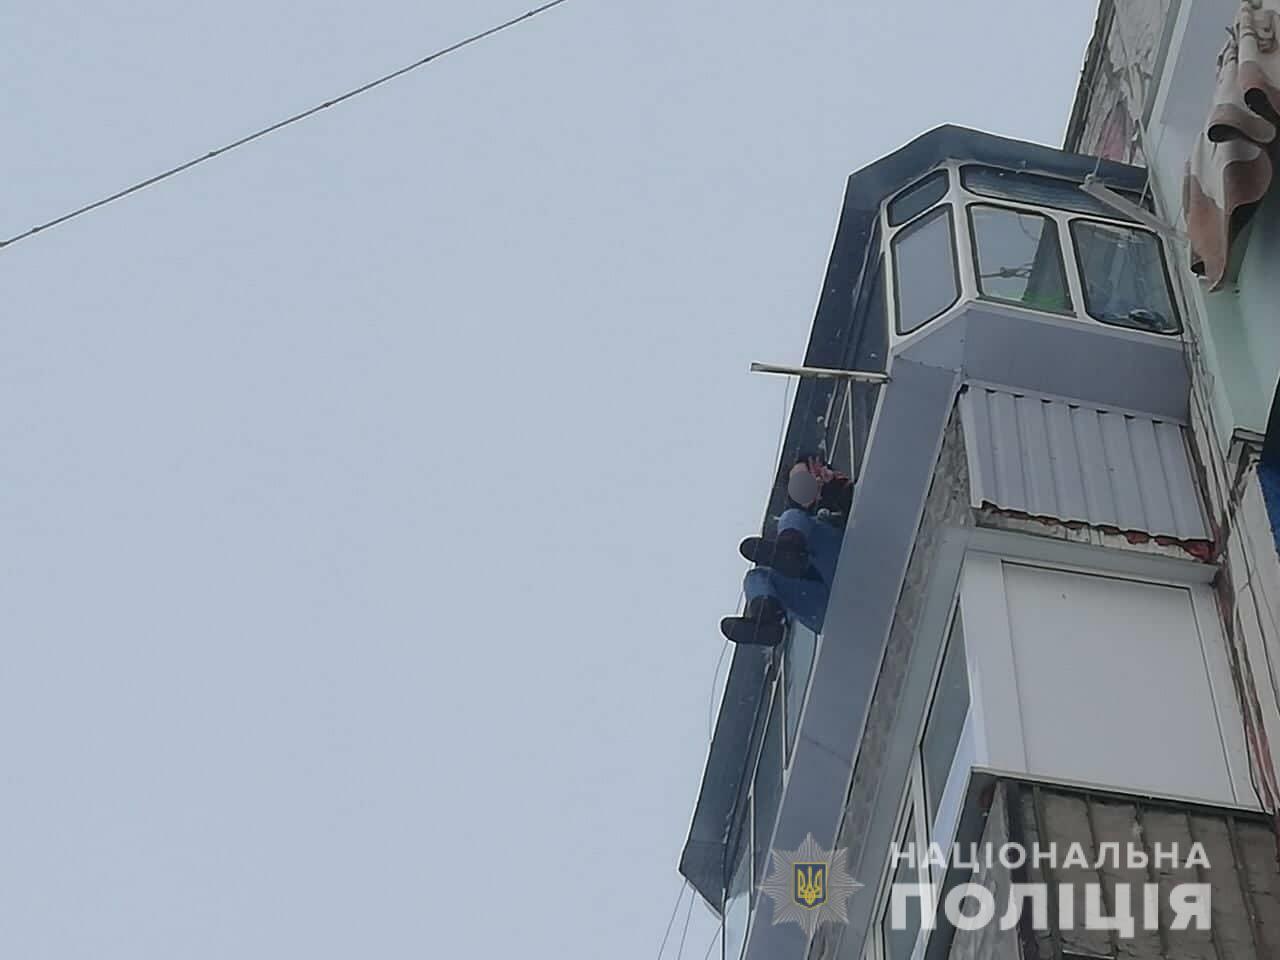 Под Киевом из психбольницы сбежала пациентка, чтобы убить себя